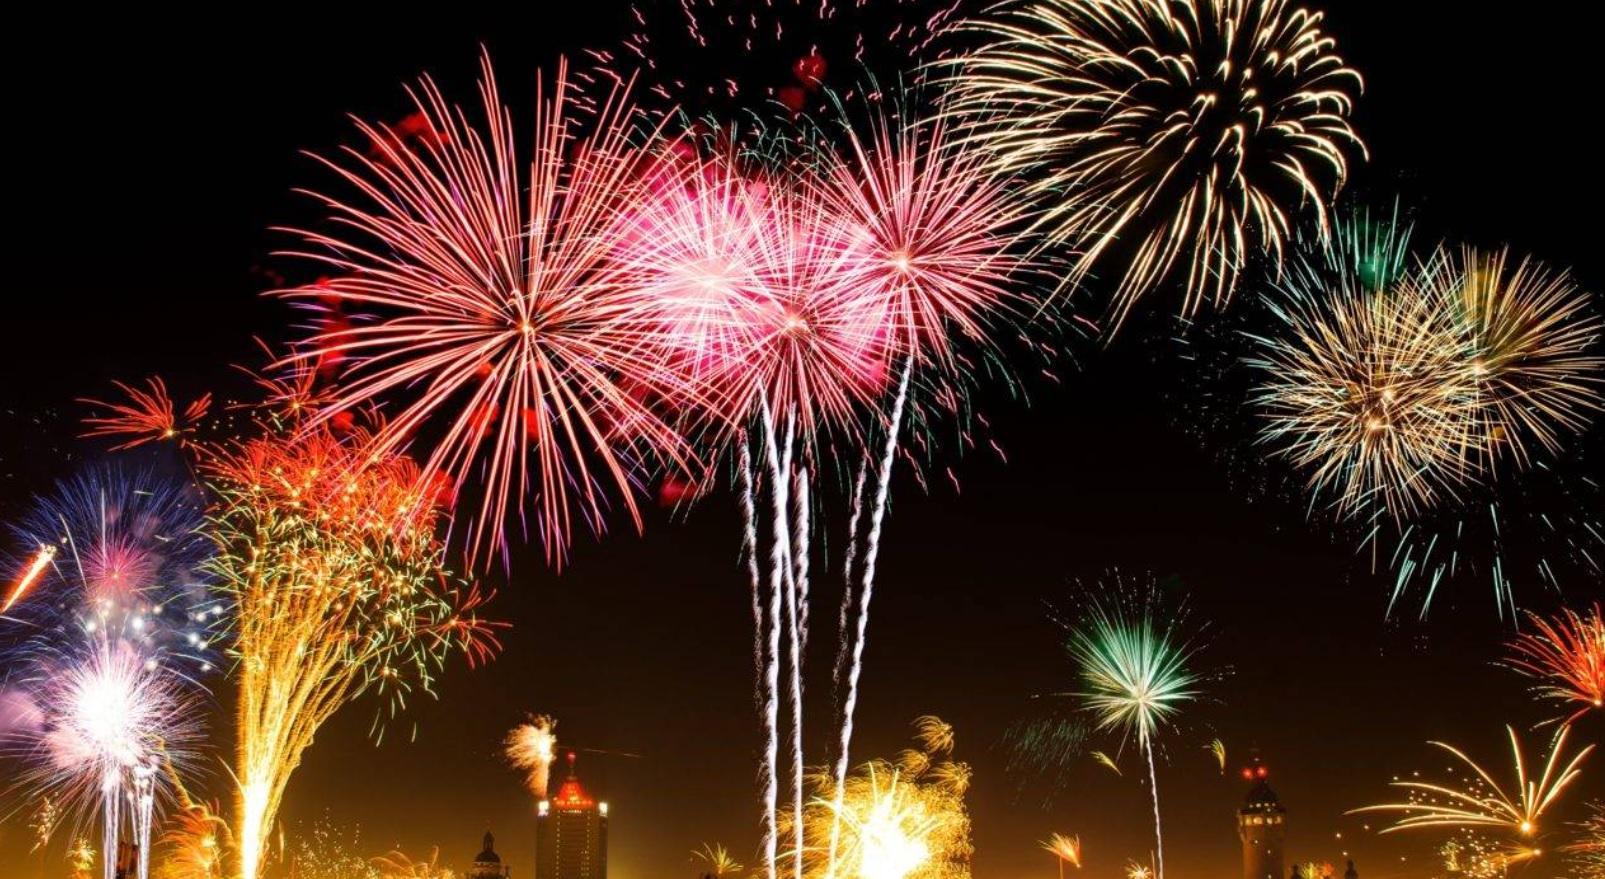 virada de ano são paulo - fogos de artifício